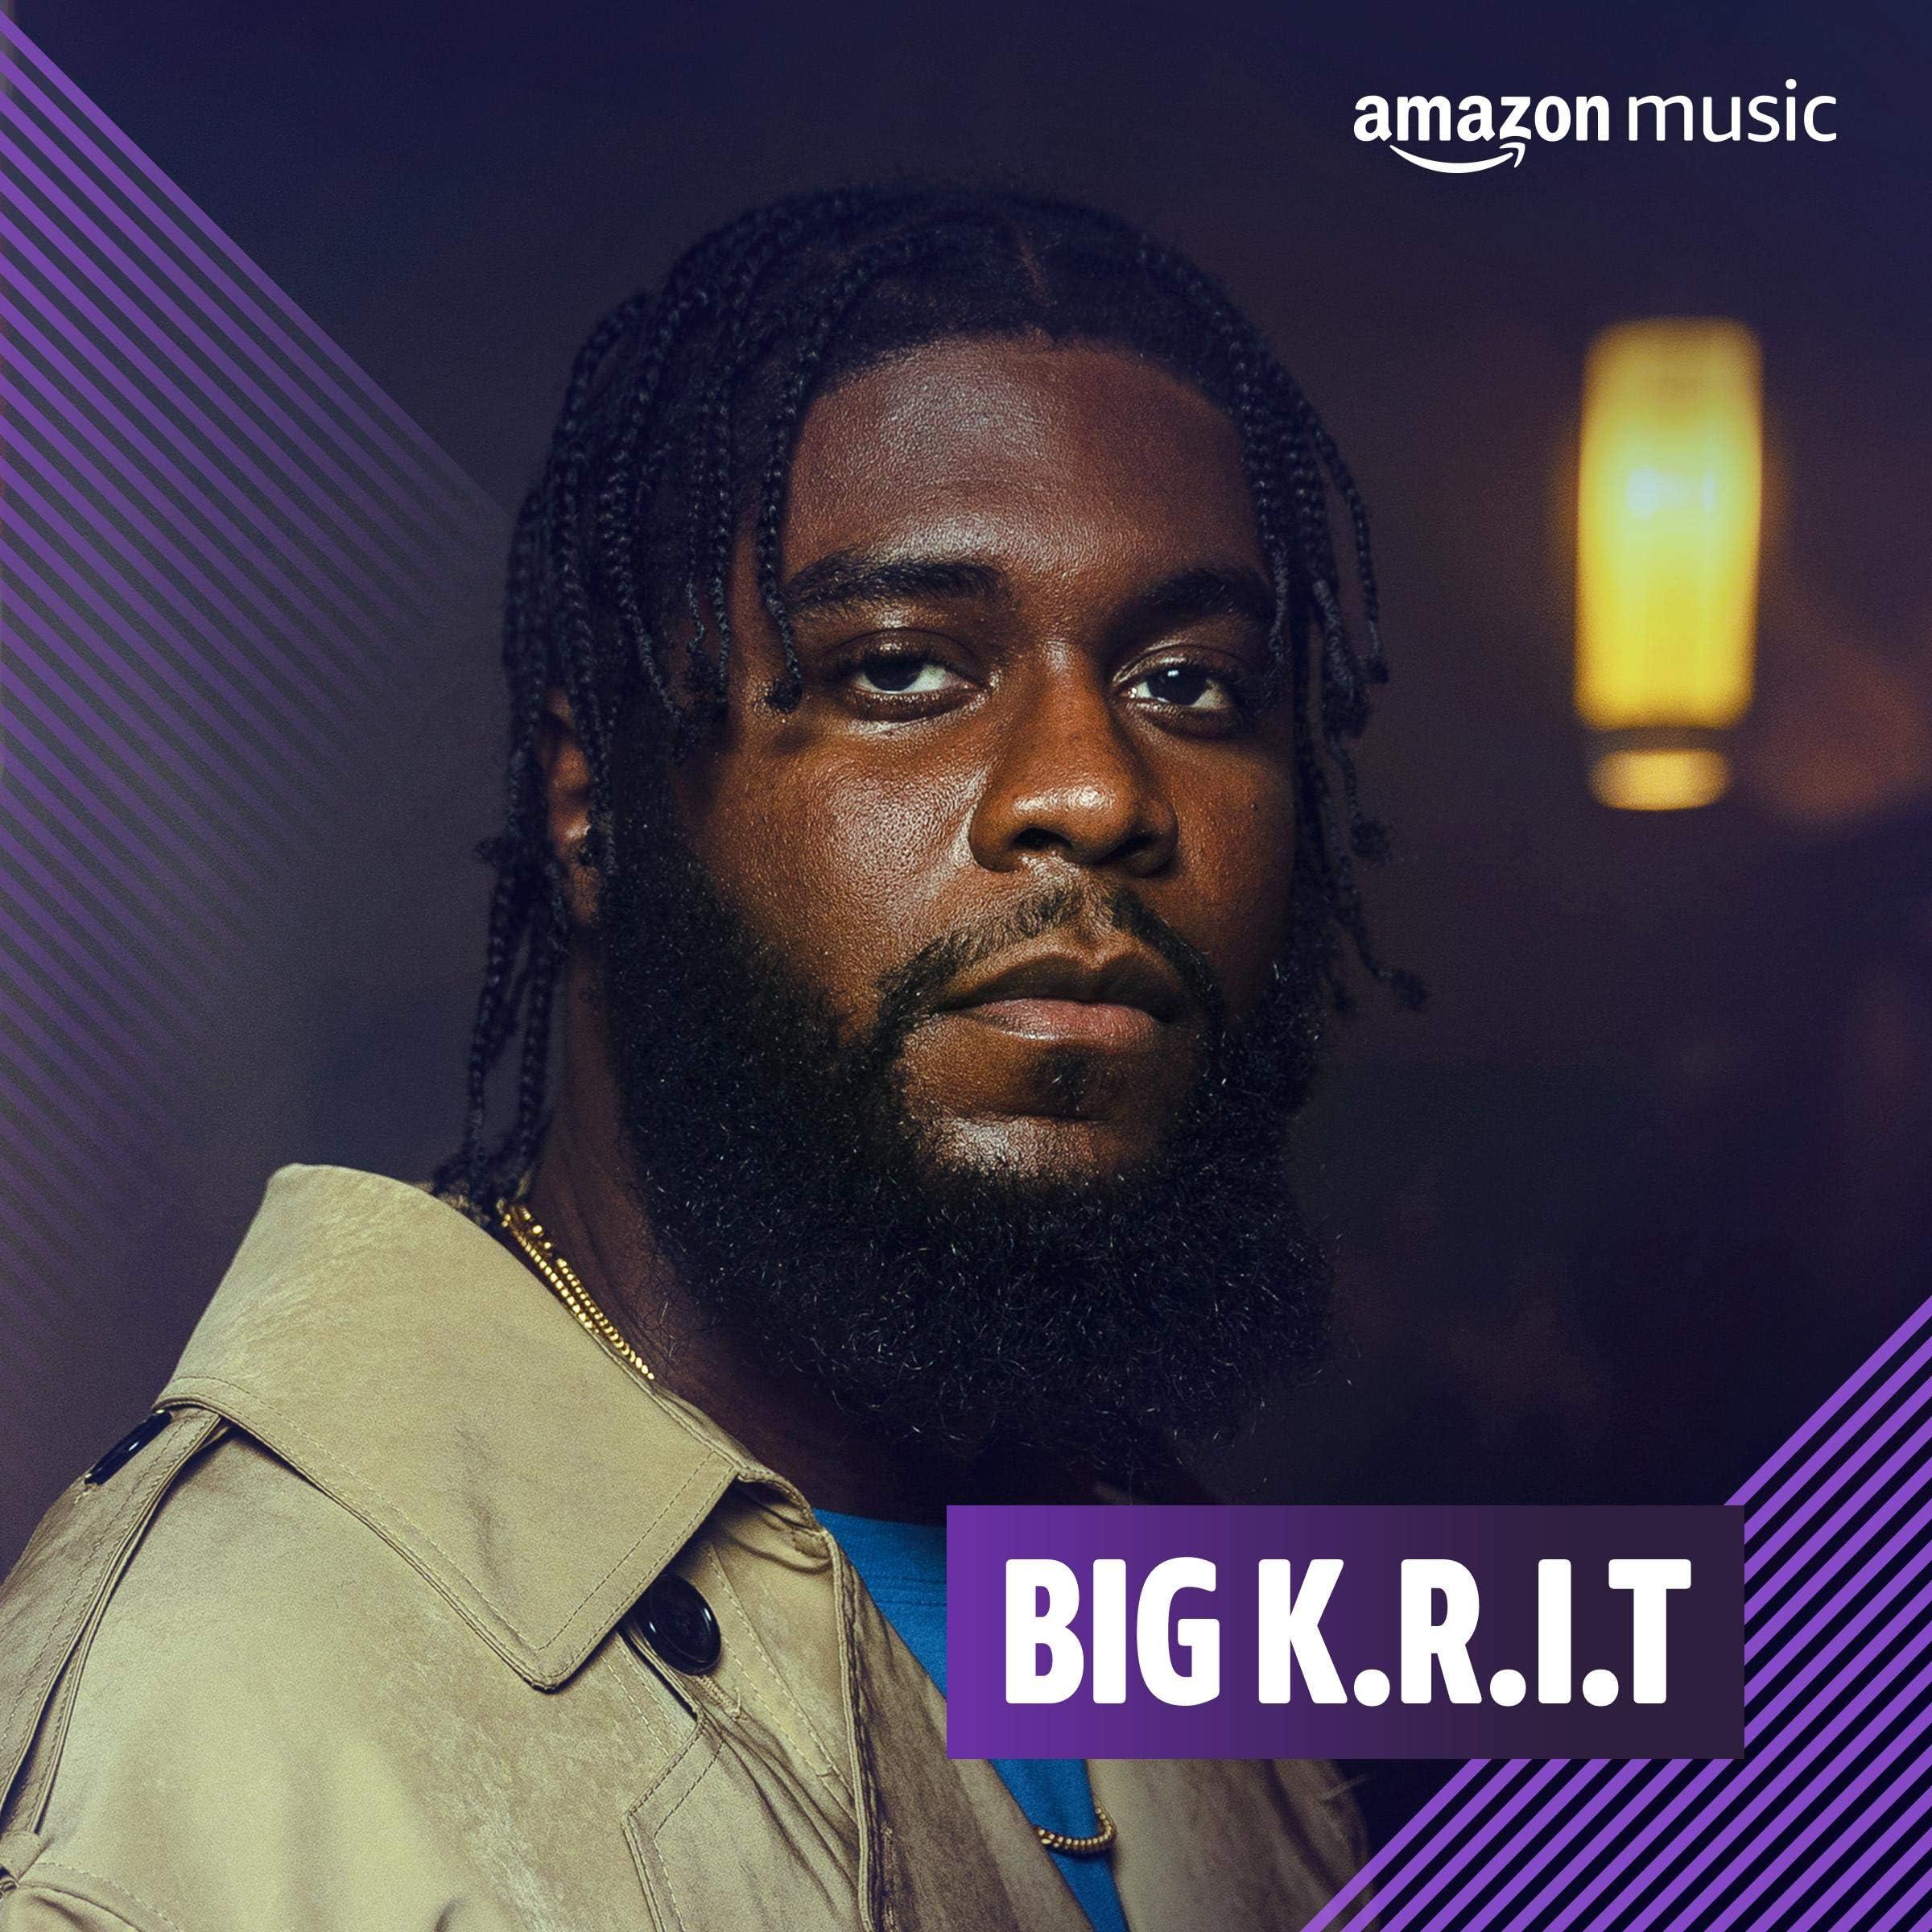 Big K.R.I.T